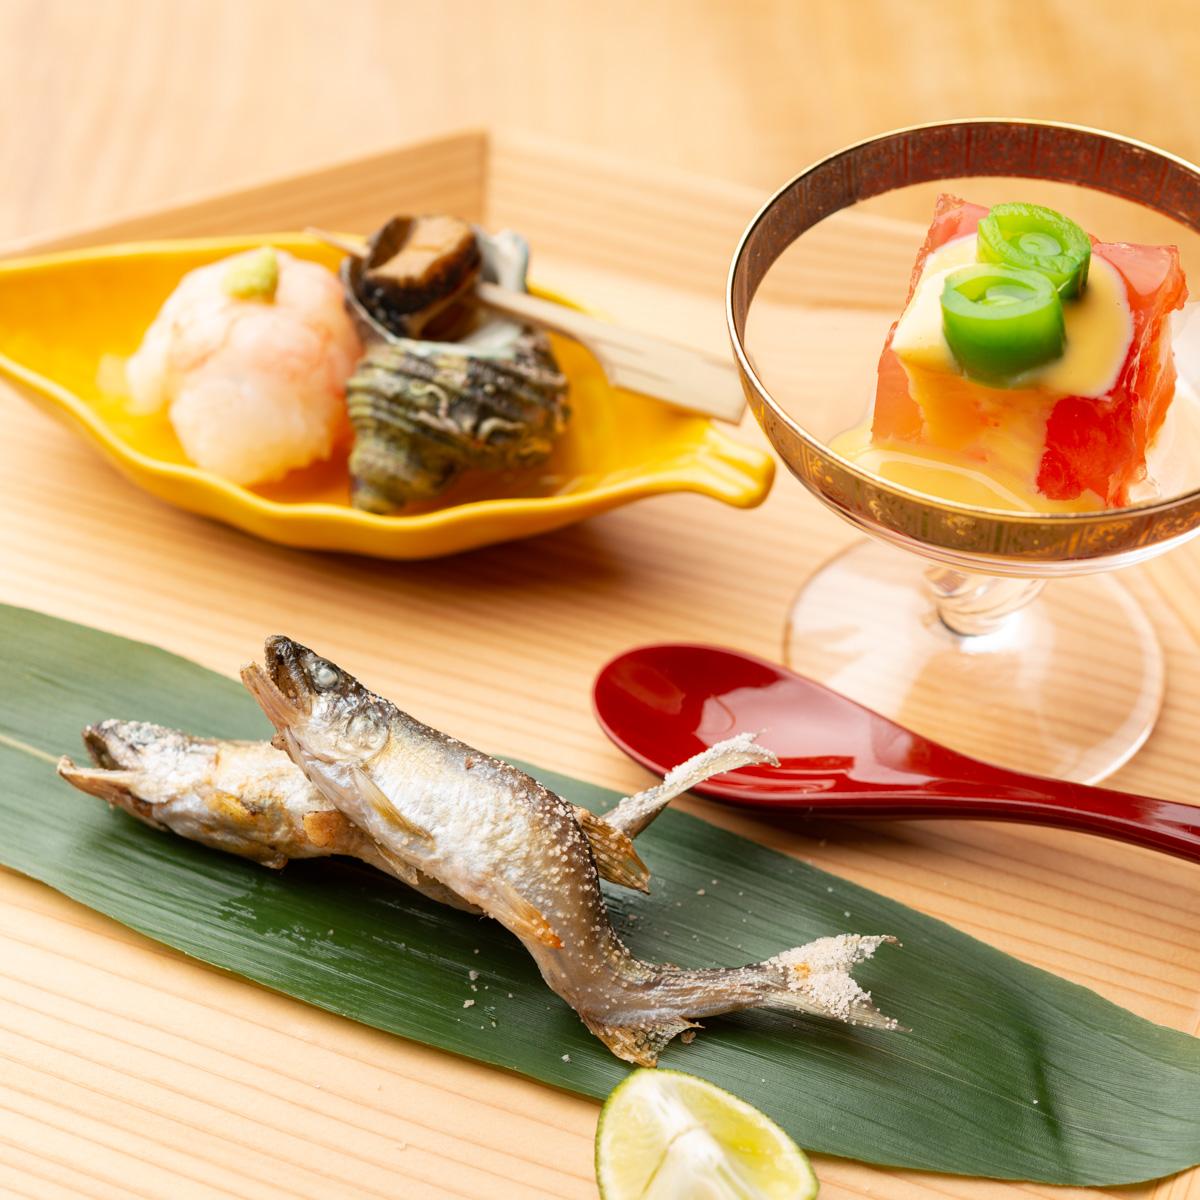 八寸|稚鮎の塩焼き、甘海老の手まり寿司、姫さざえの旨煮、フルーツトマトの黄身酢